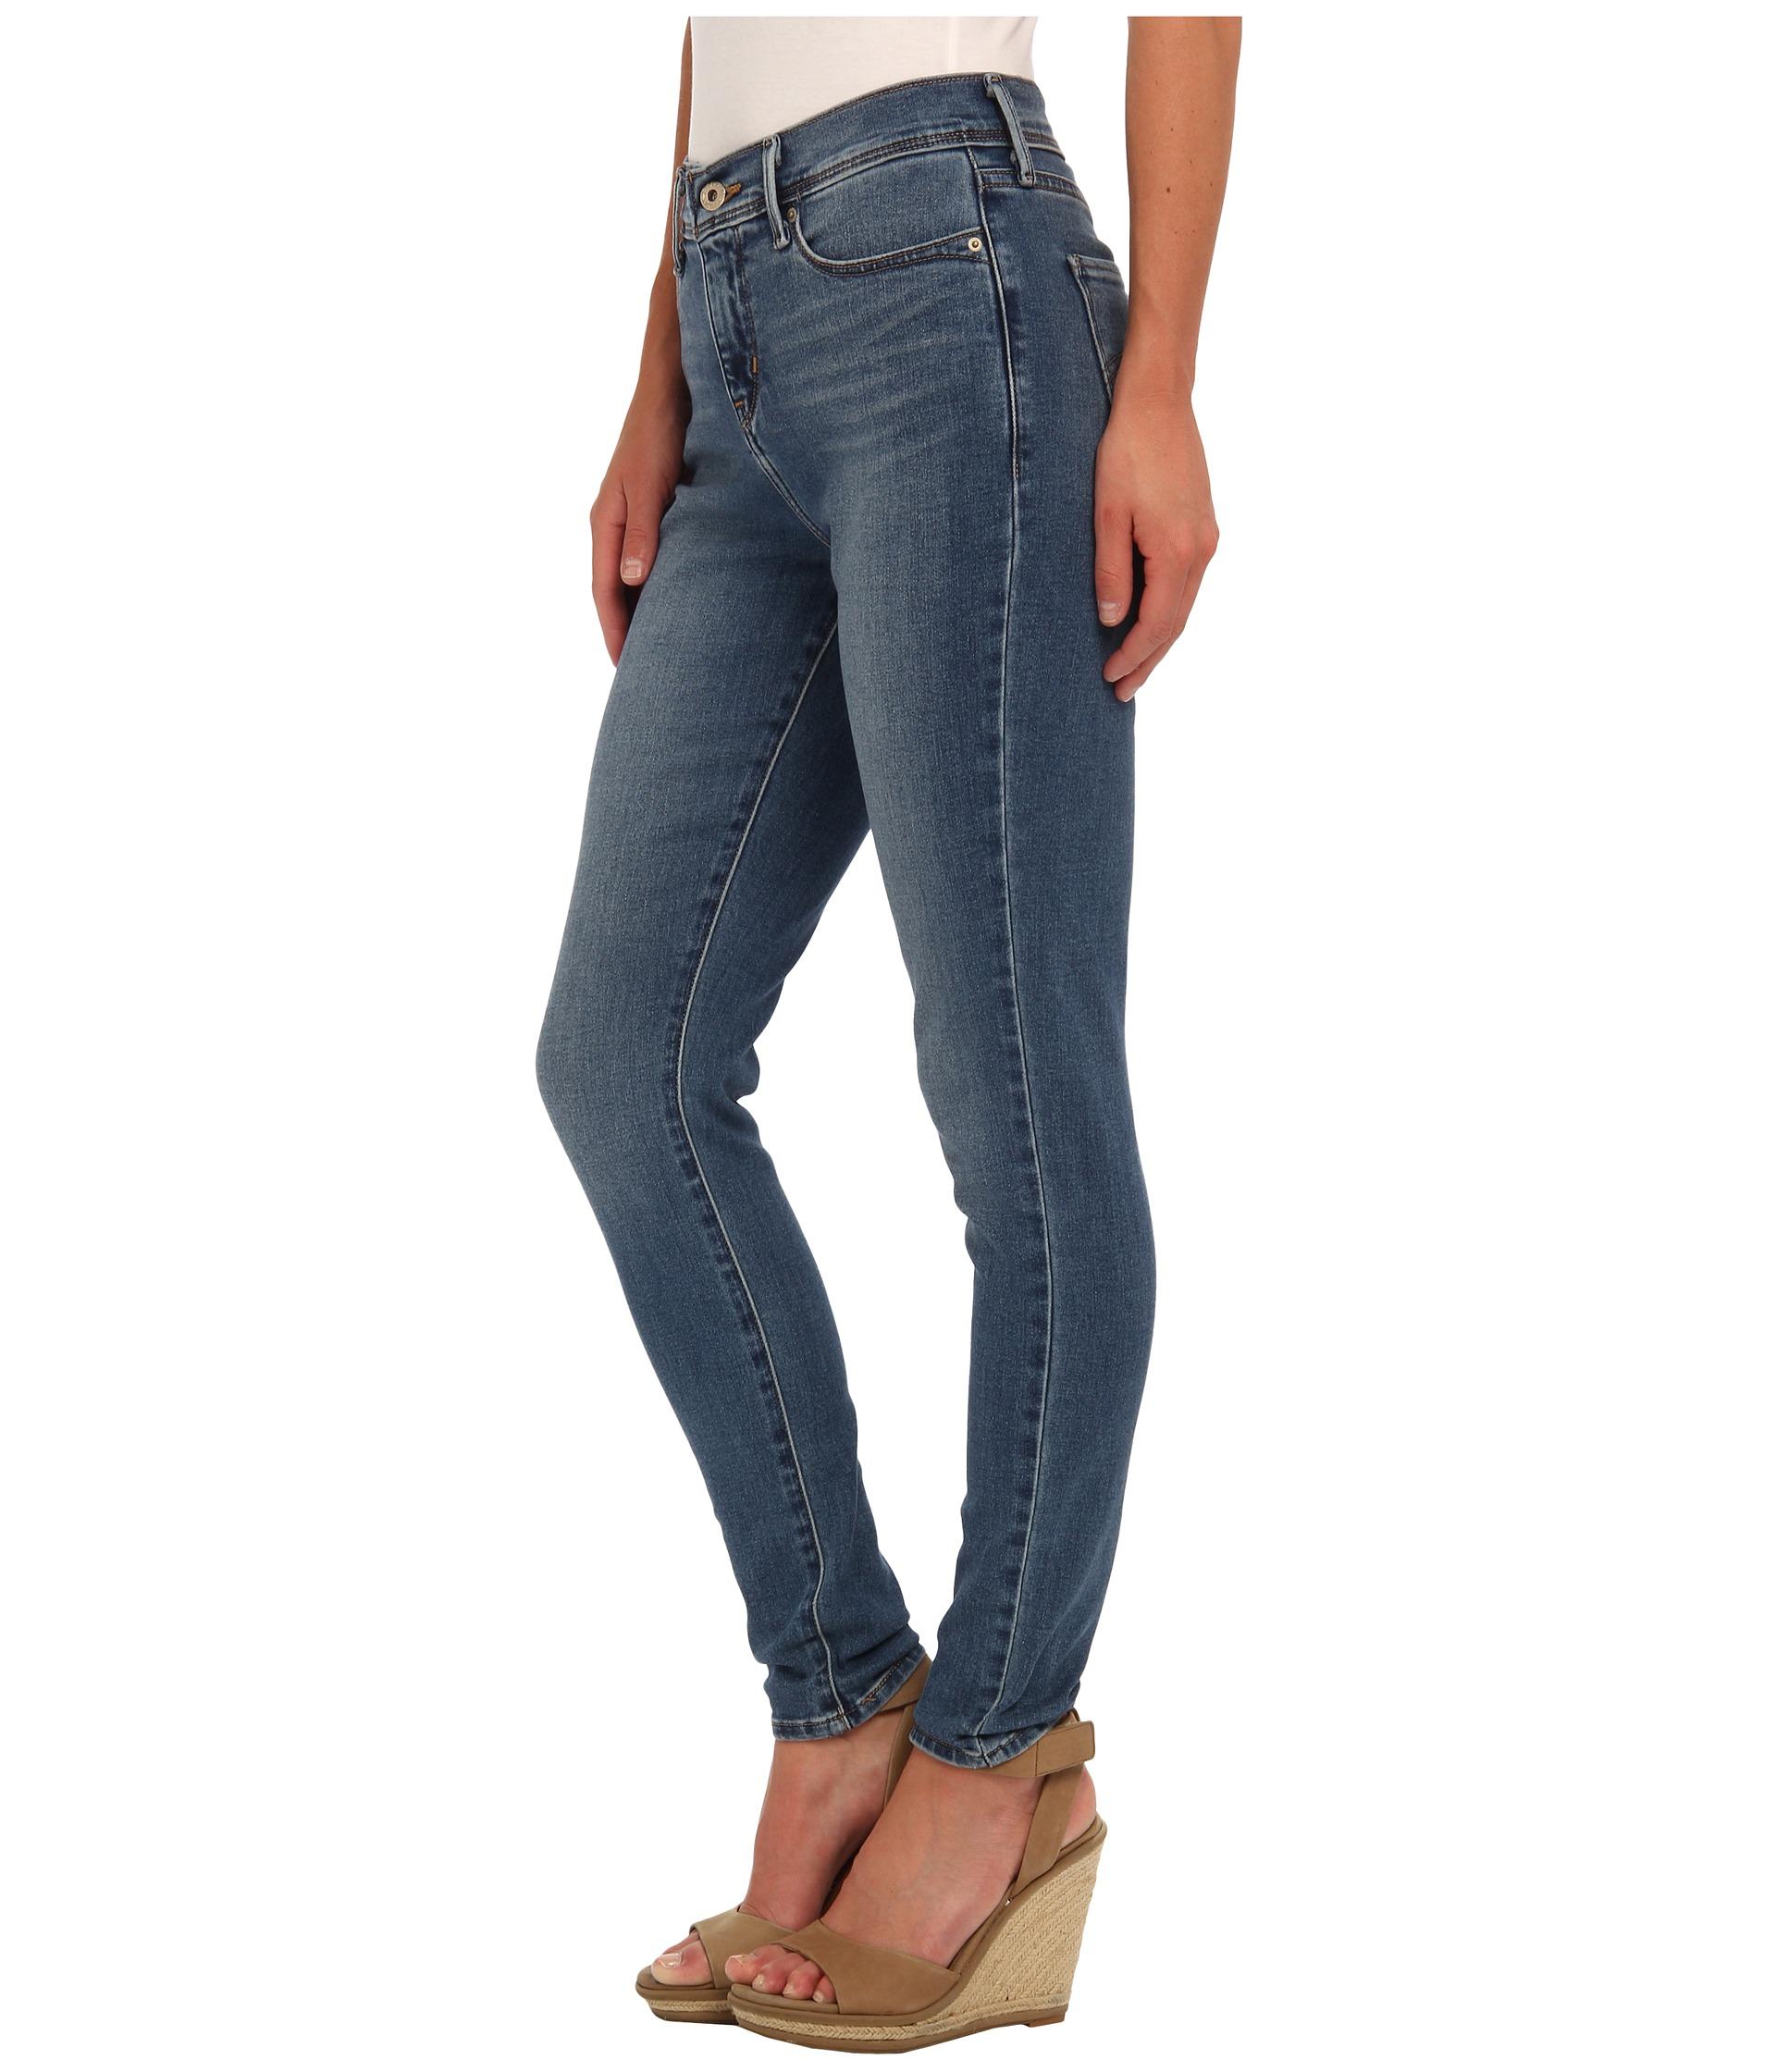 skinny jeans for men shop men s skinny jeans levi s images. Black Bedroom Furniture Sets. Home Design Ideas